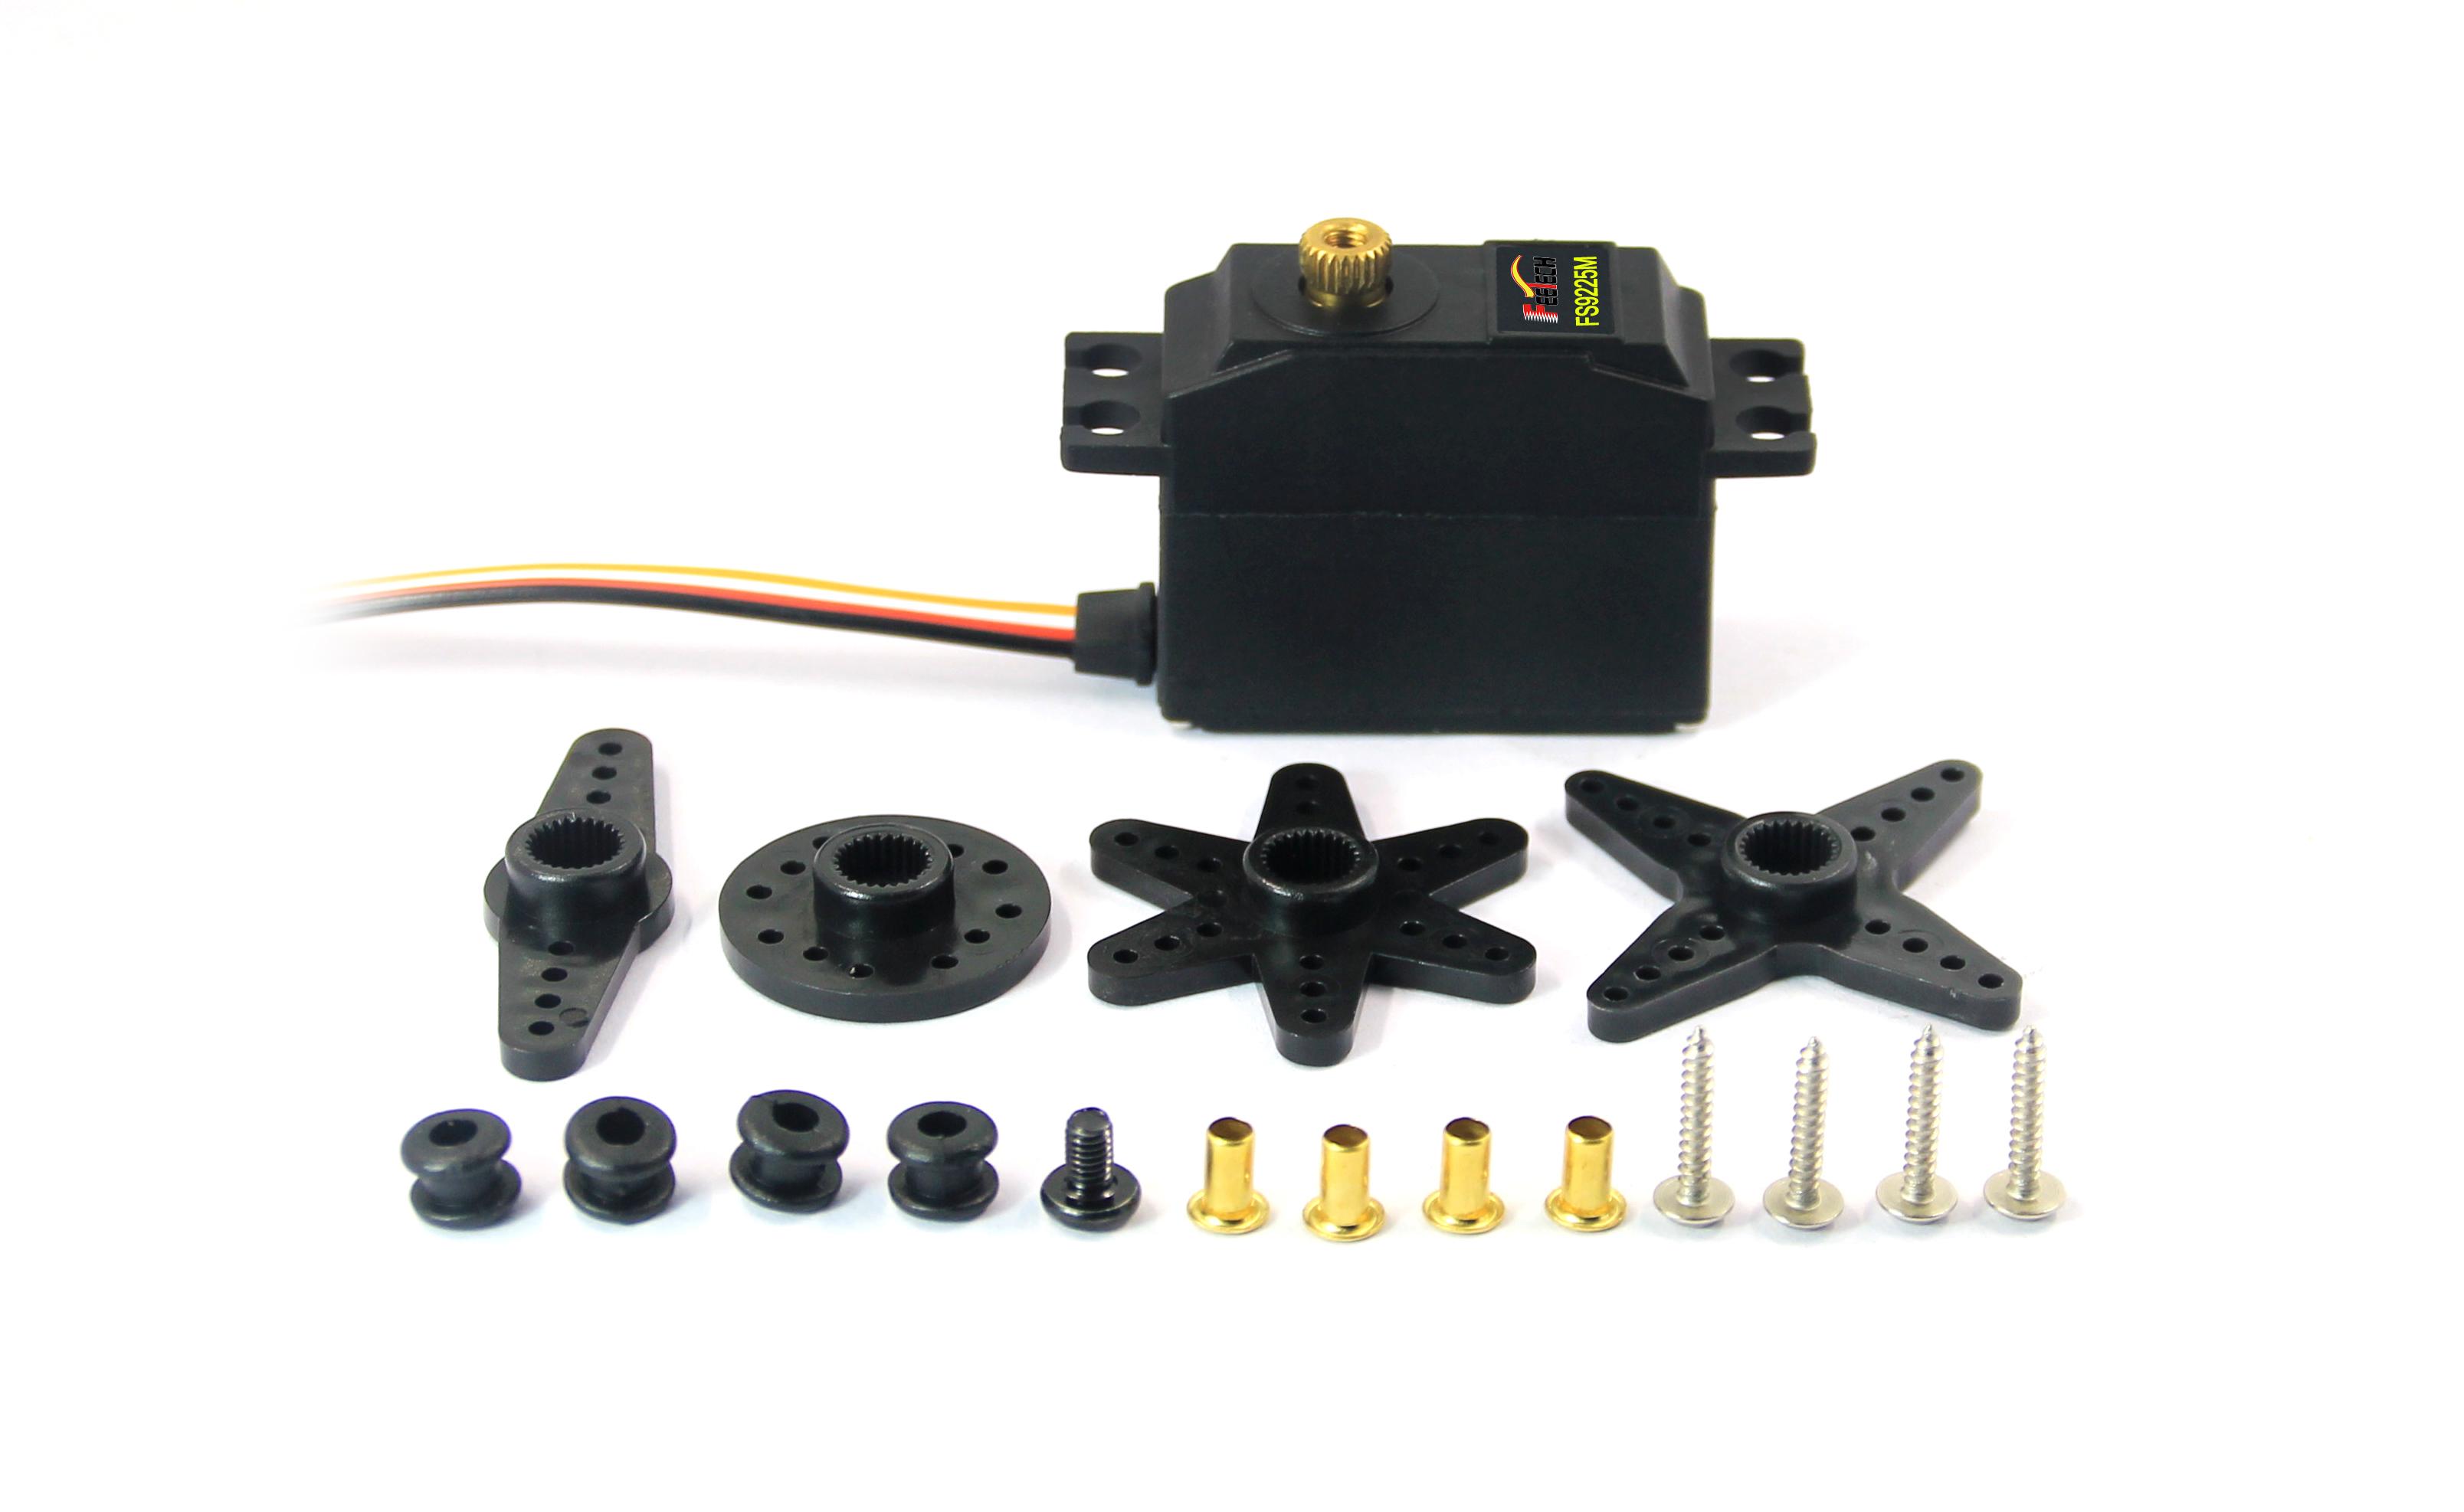 6 в 5 кг см Цифровой крыло сервопривод умный робот сервопривод ствол roboticssolar motor Robotic